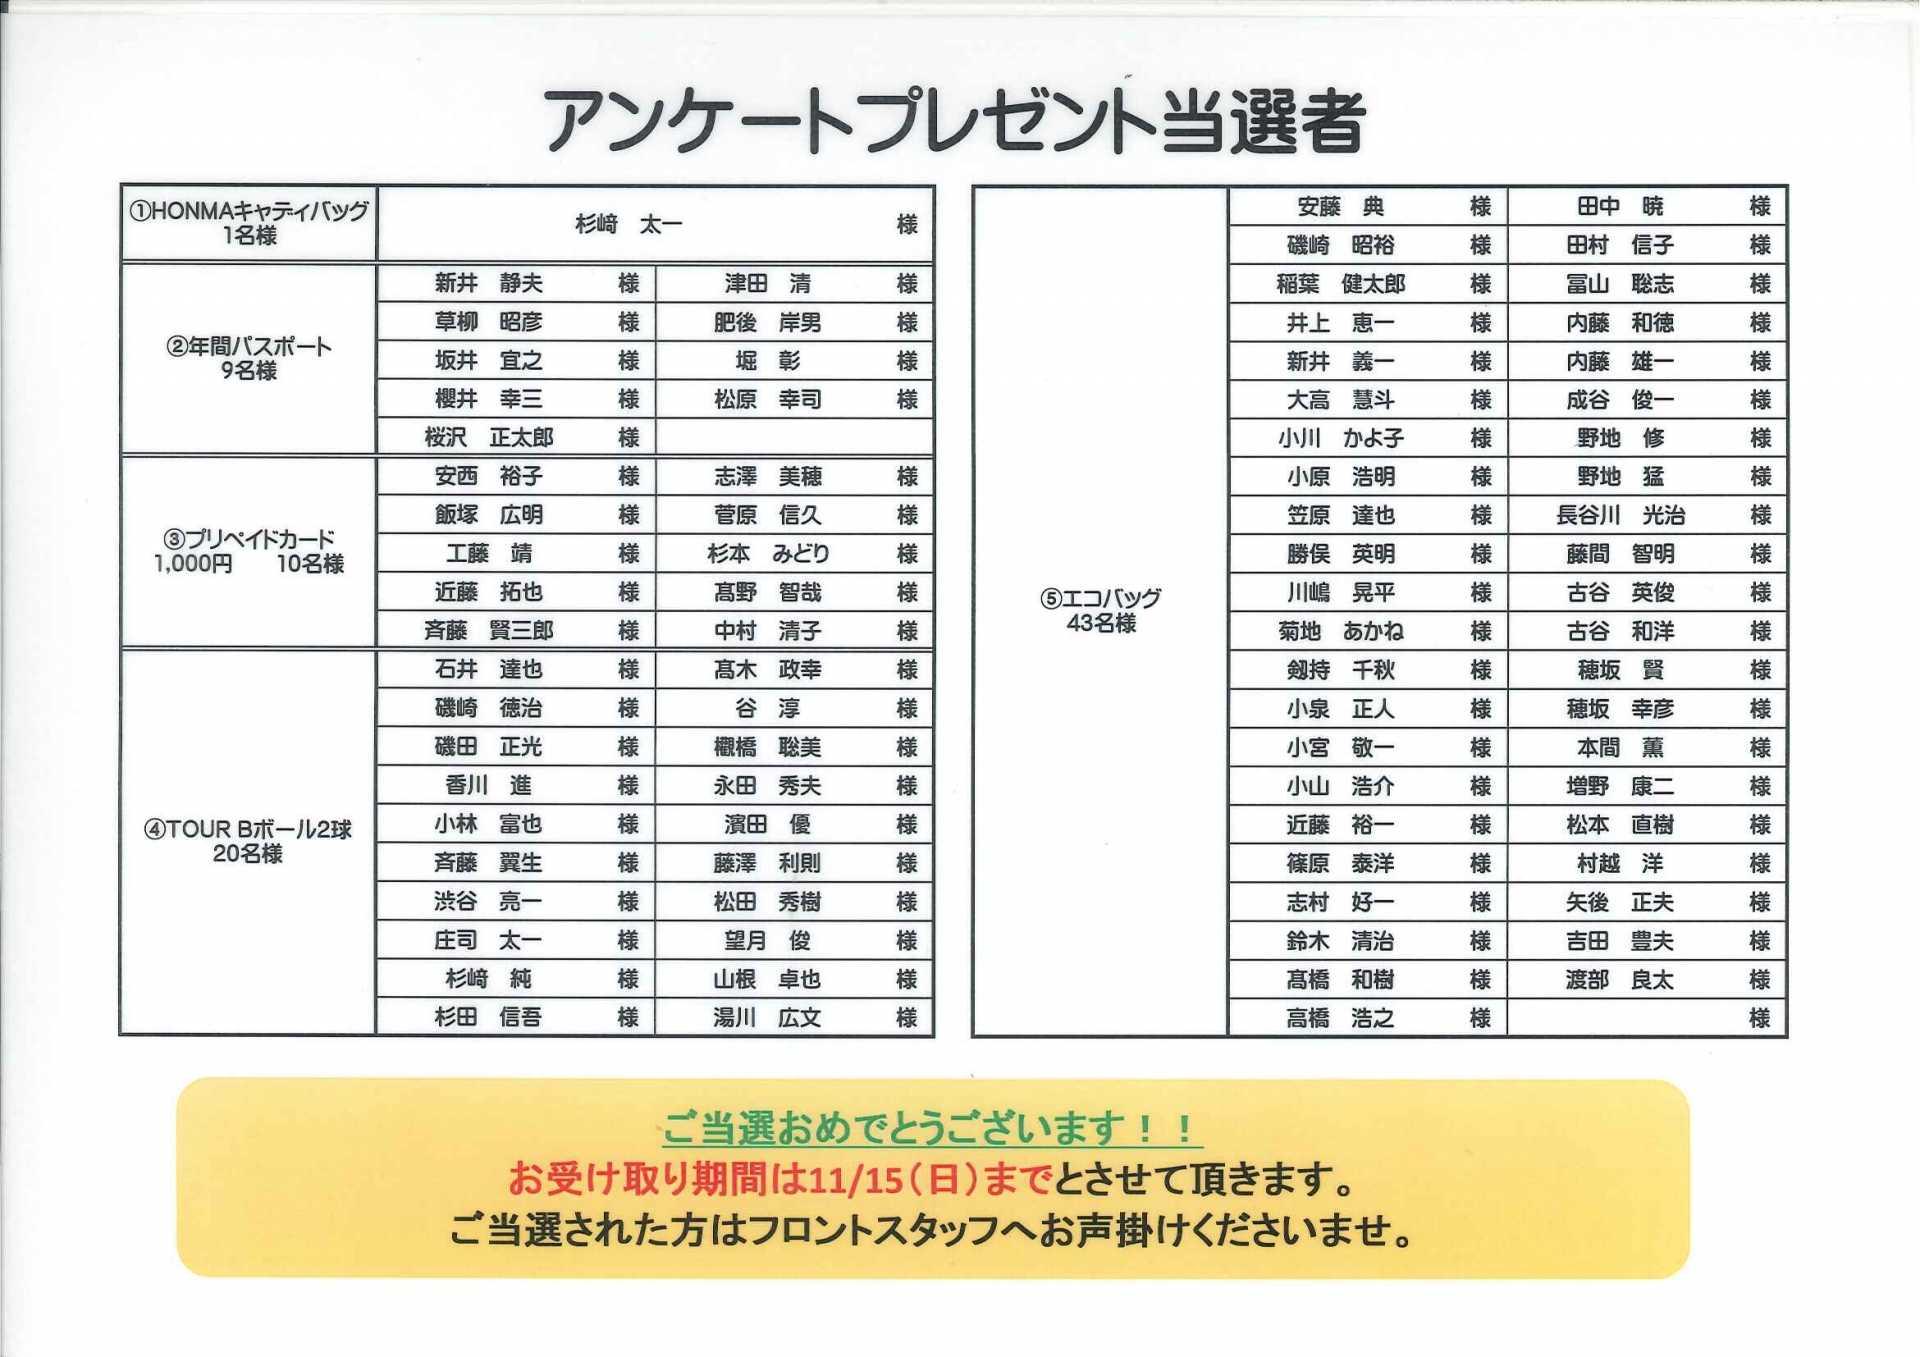 アンケートプレゼント当選者発表!!